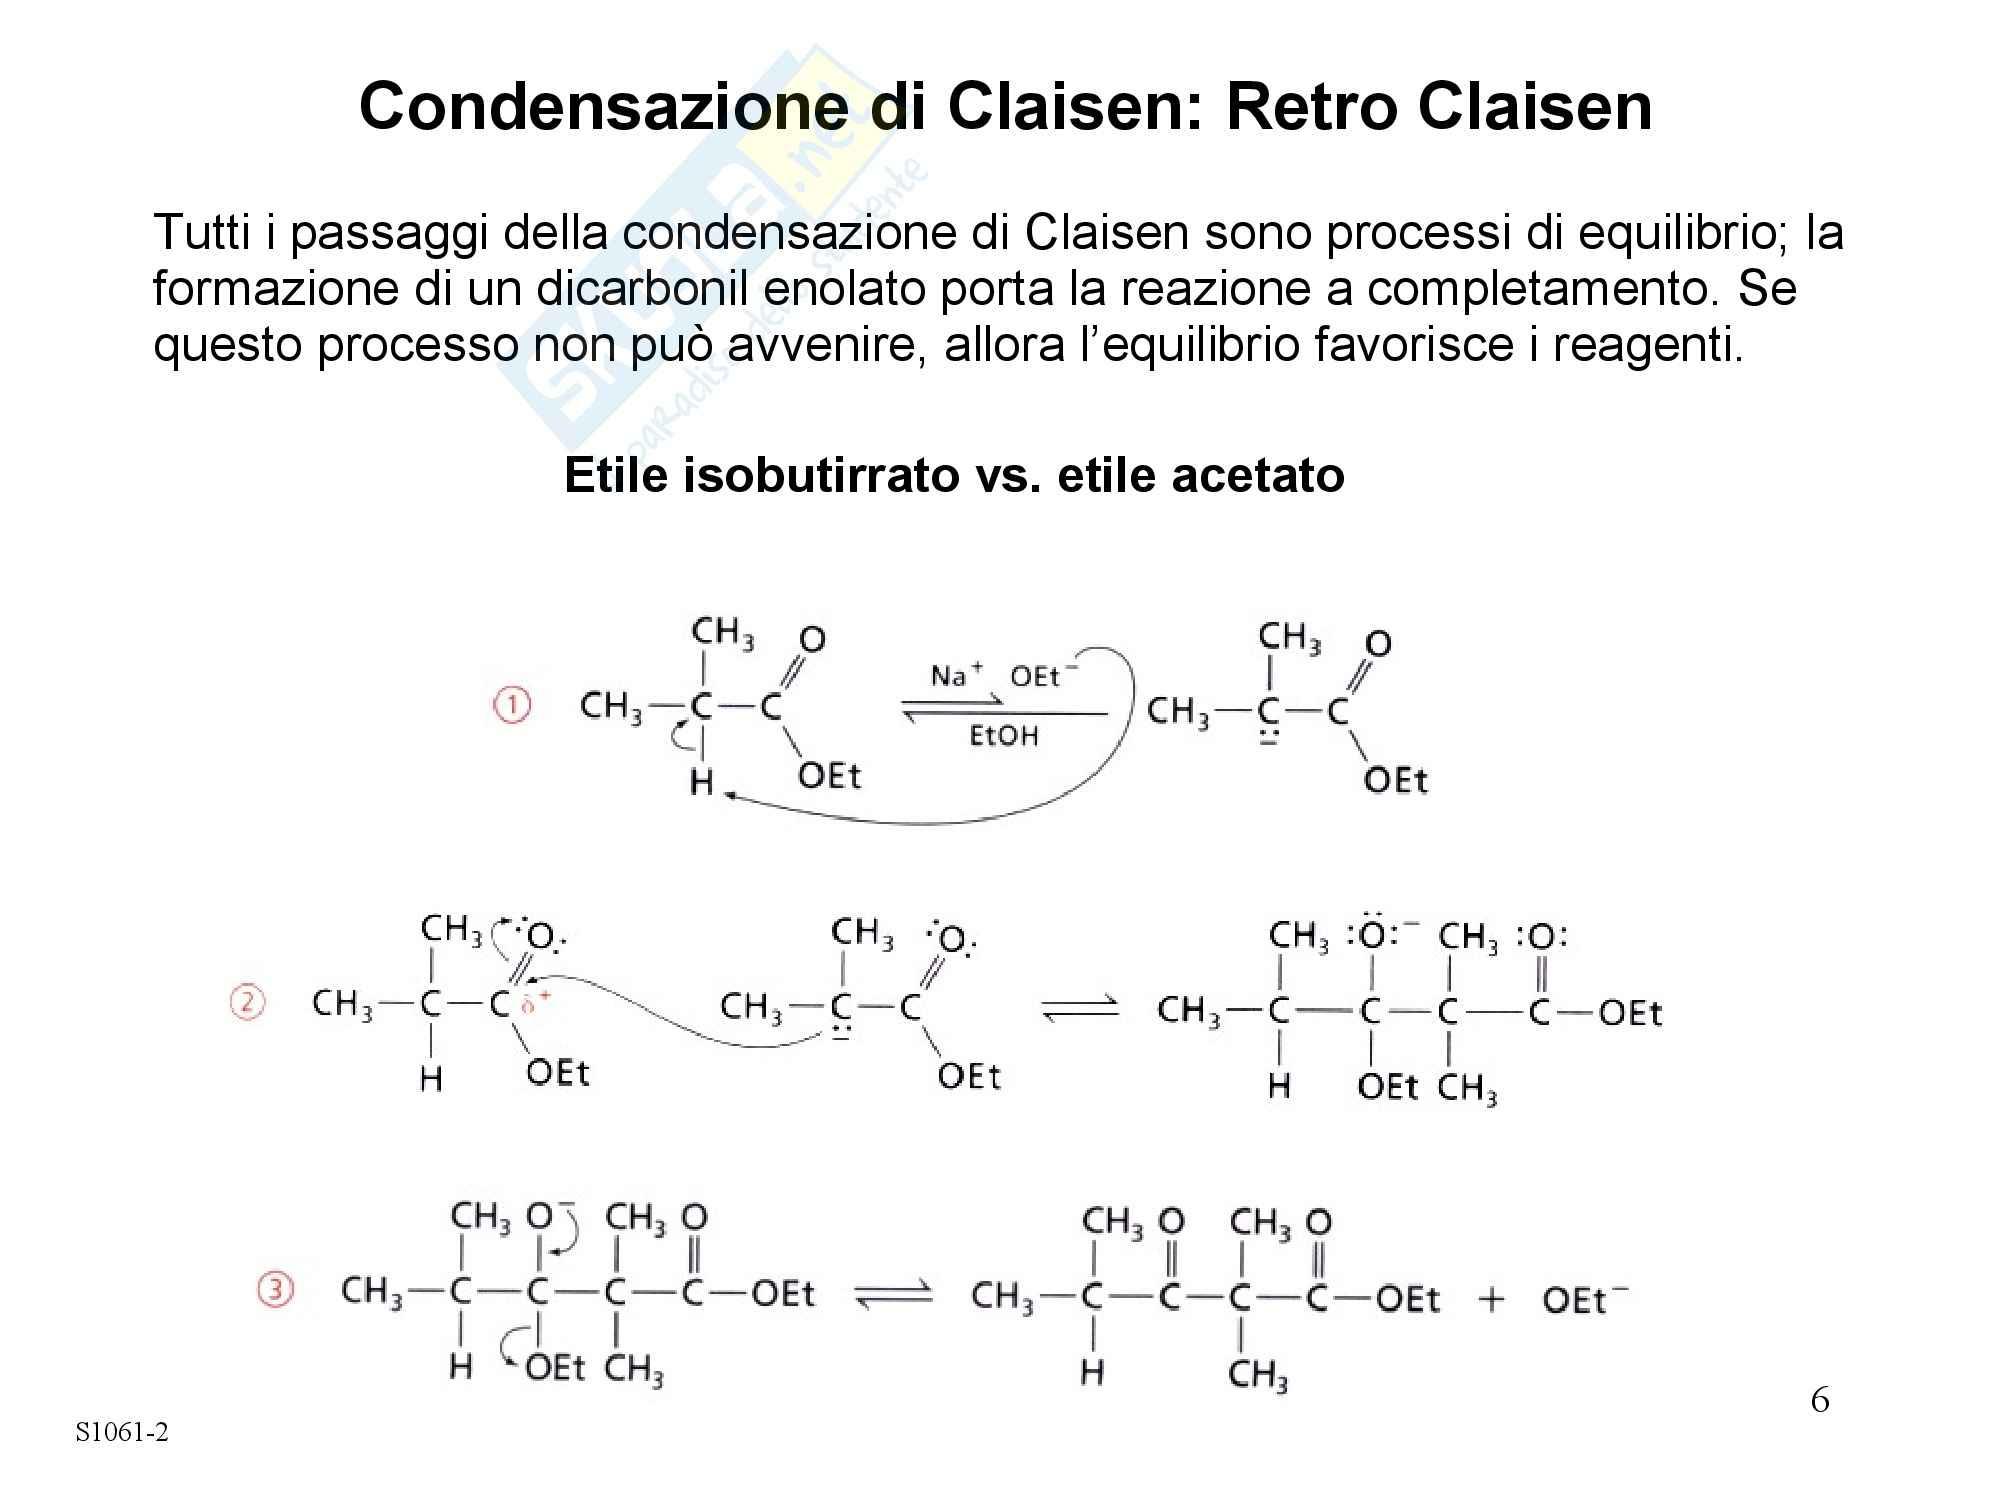 Chimica organica - condensazione di Claisen Pag. 6